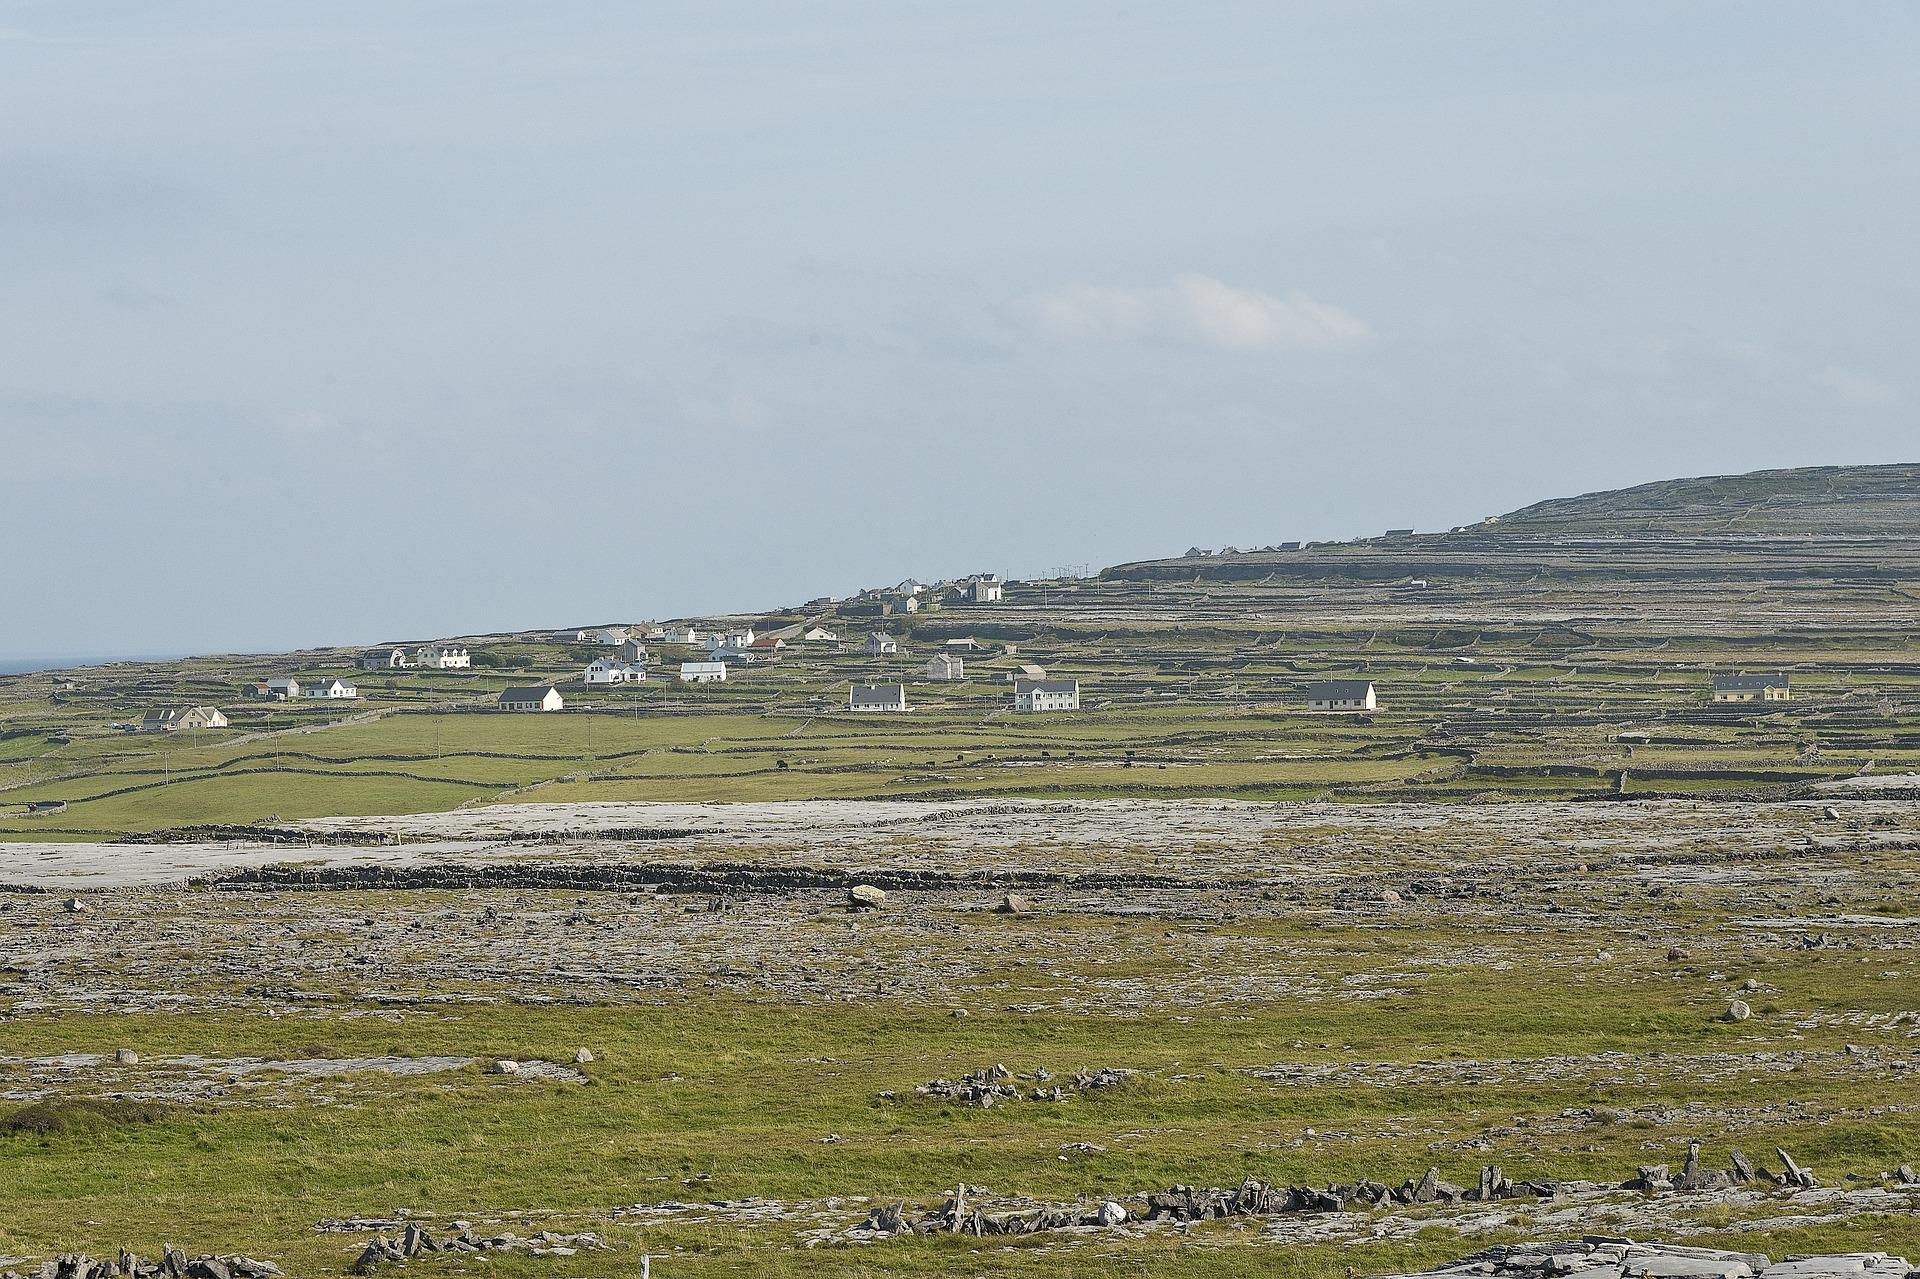 Aran Island mountain village